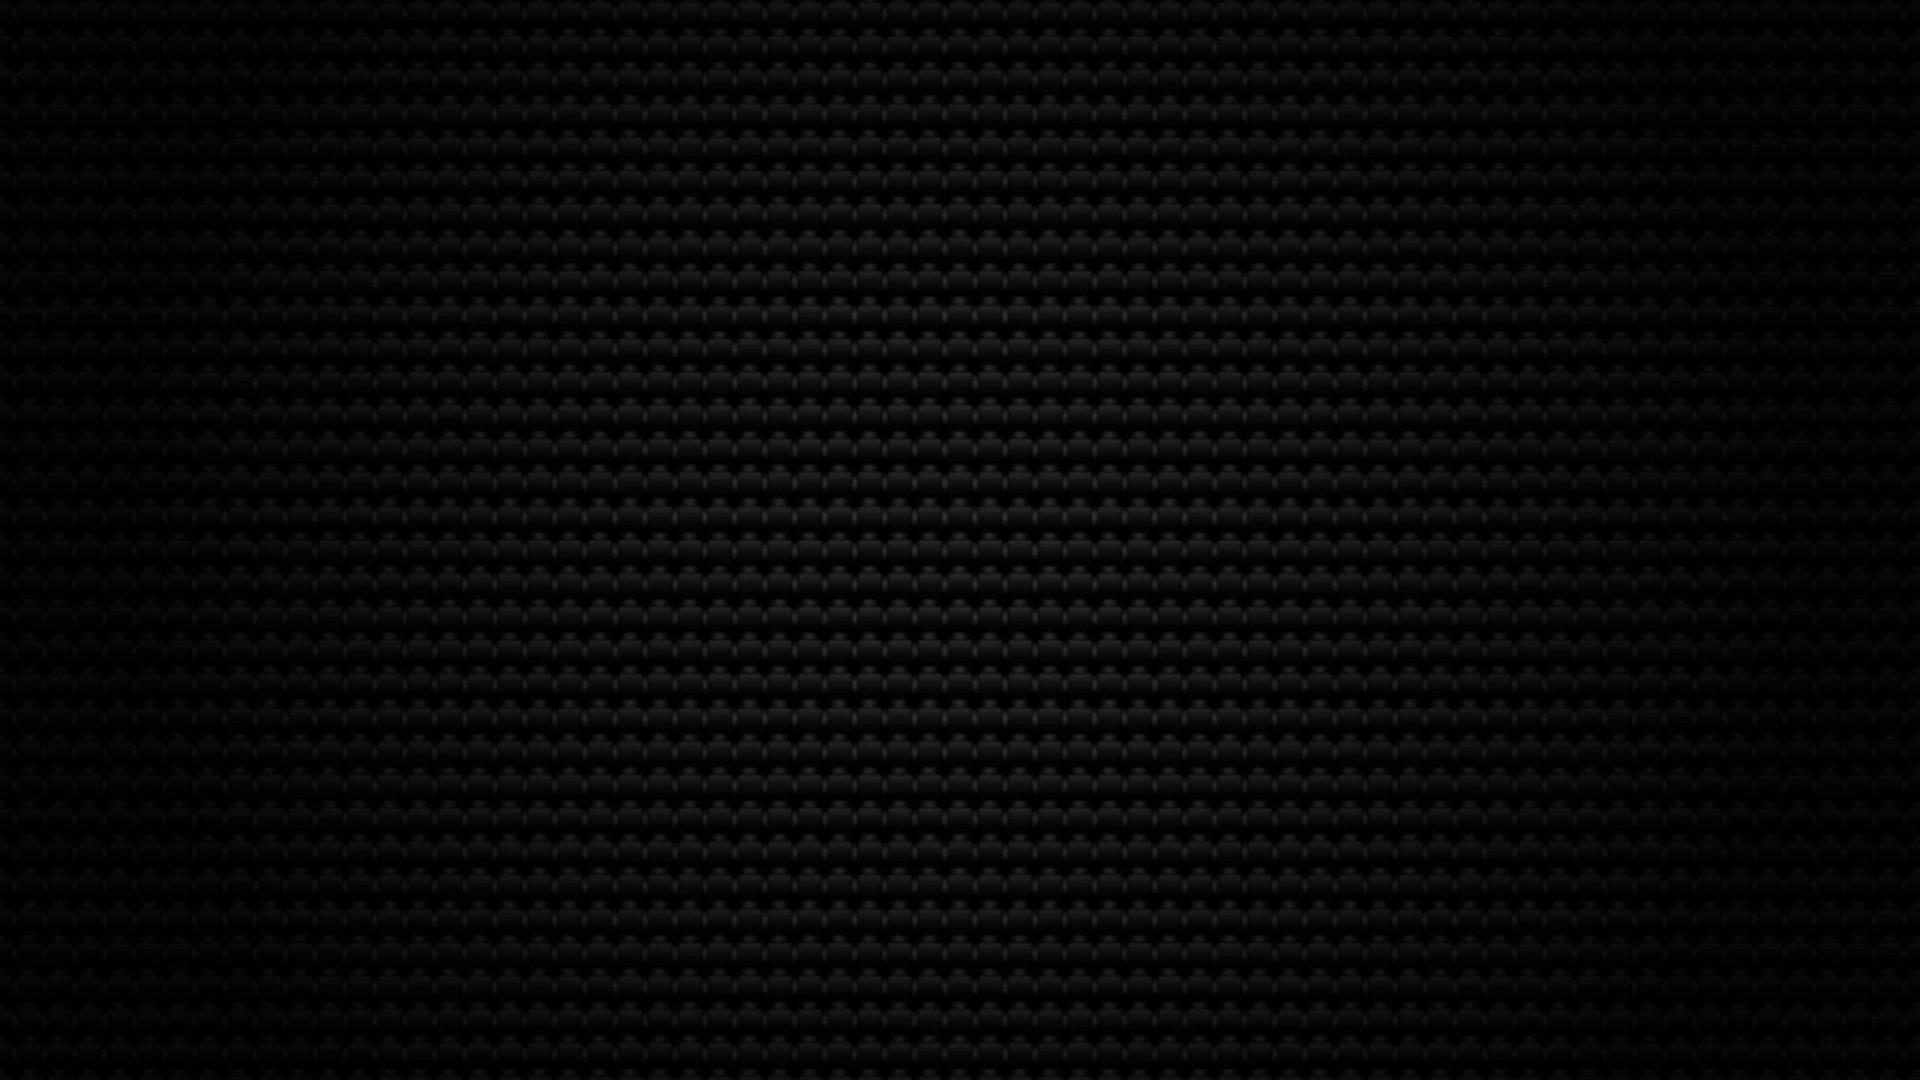 Carbon Fiber Wallpapers